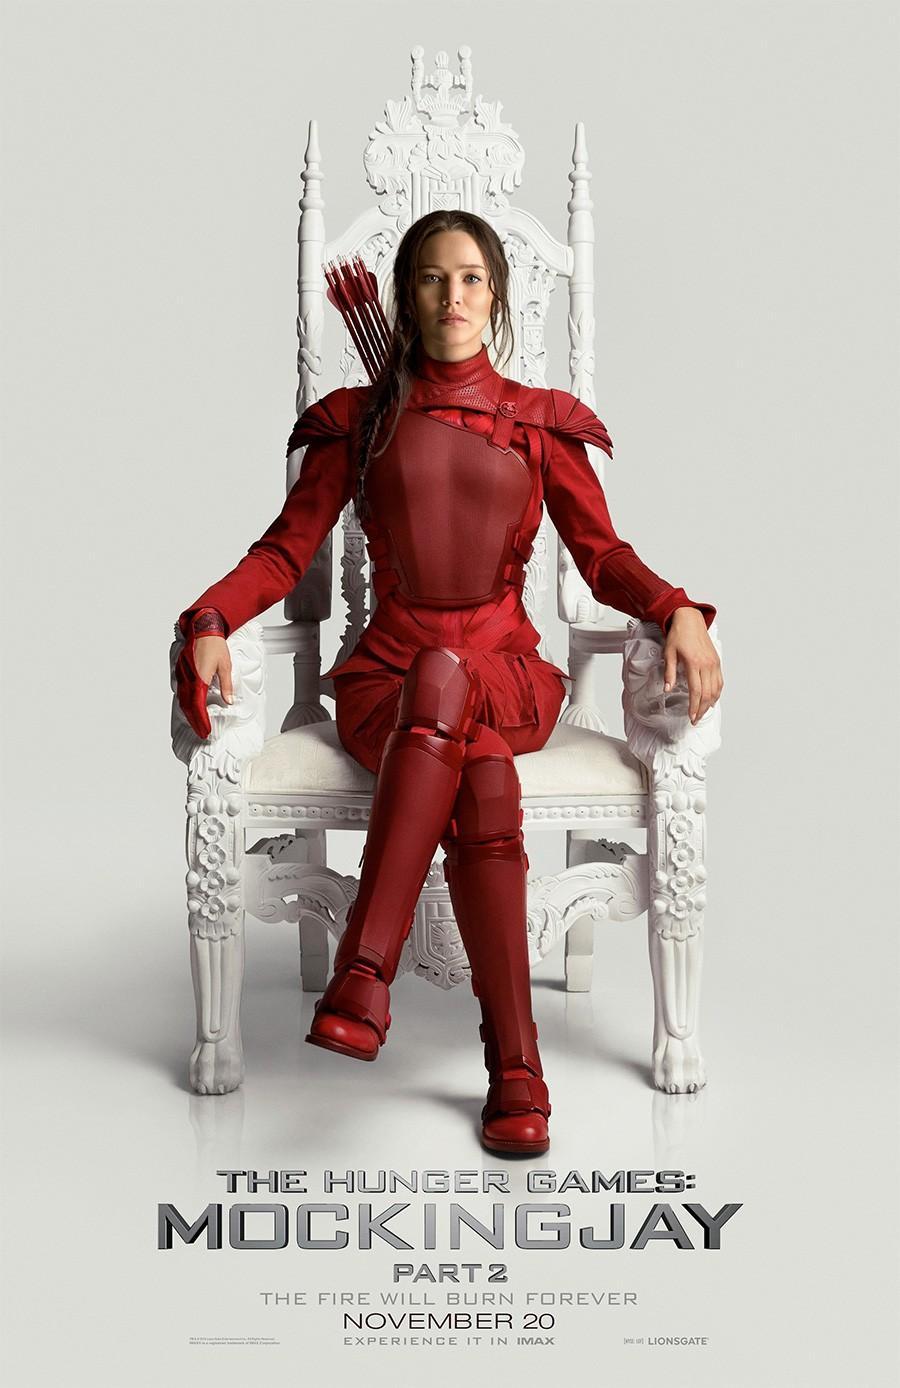 《饥饿游戏》发劳伦斯单人海报 身穿血色战袍端坐王位